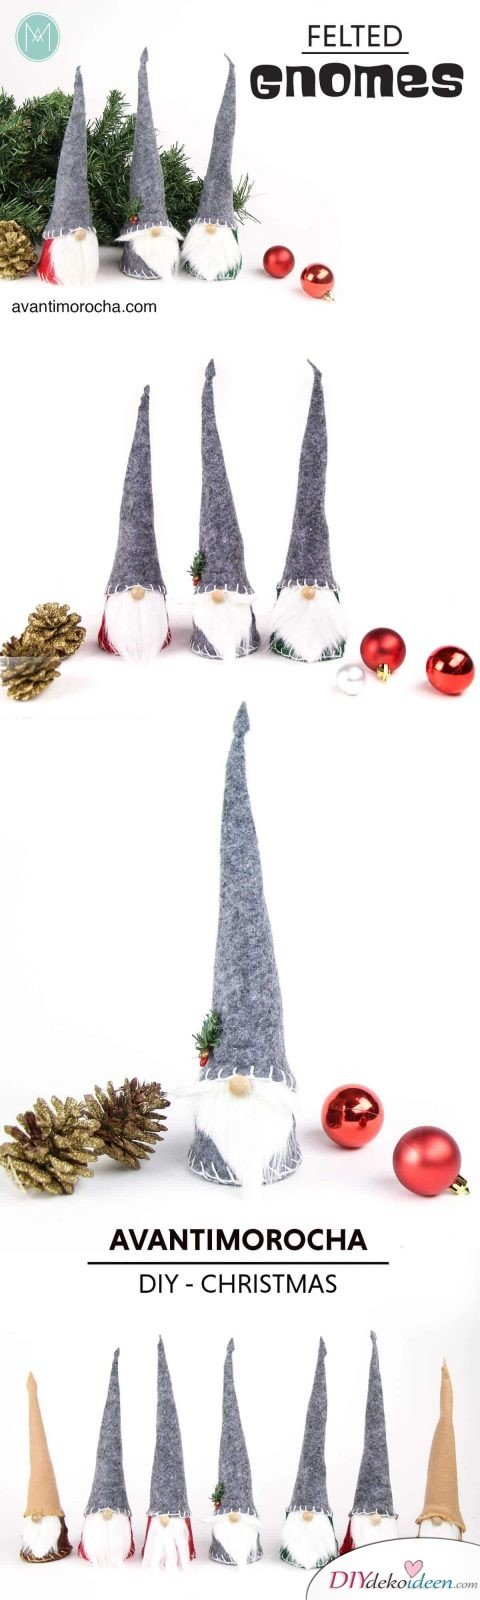 DIY Weihnachtsdeko und Bastelideen zu Weihnachten, skandinavische Weihnachts-Zwerge basteln